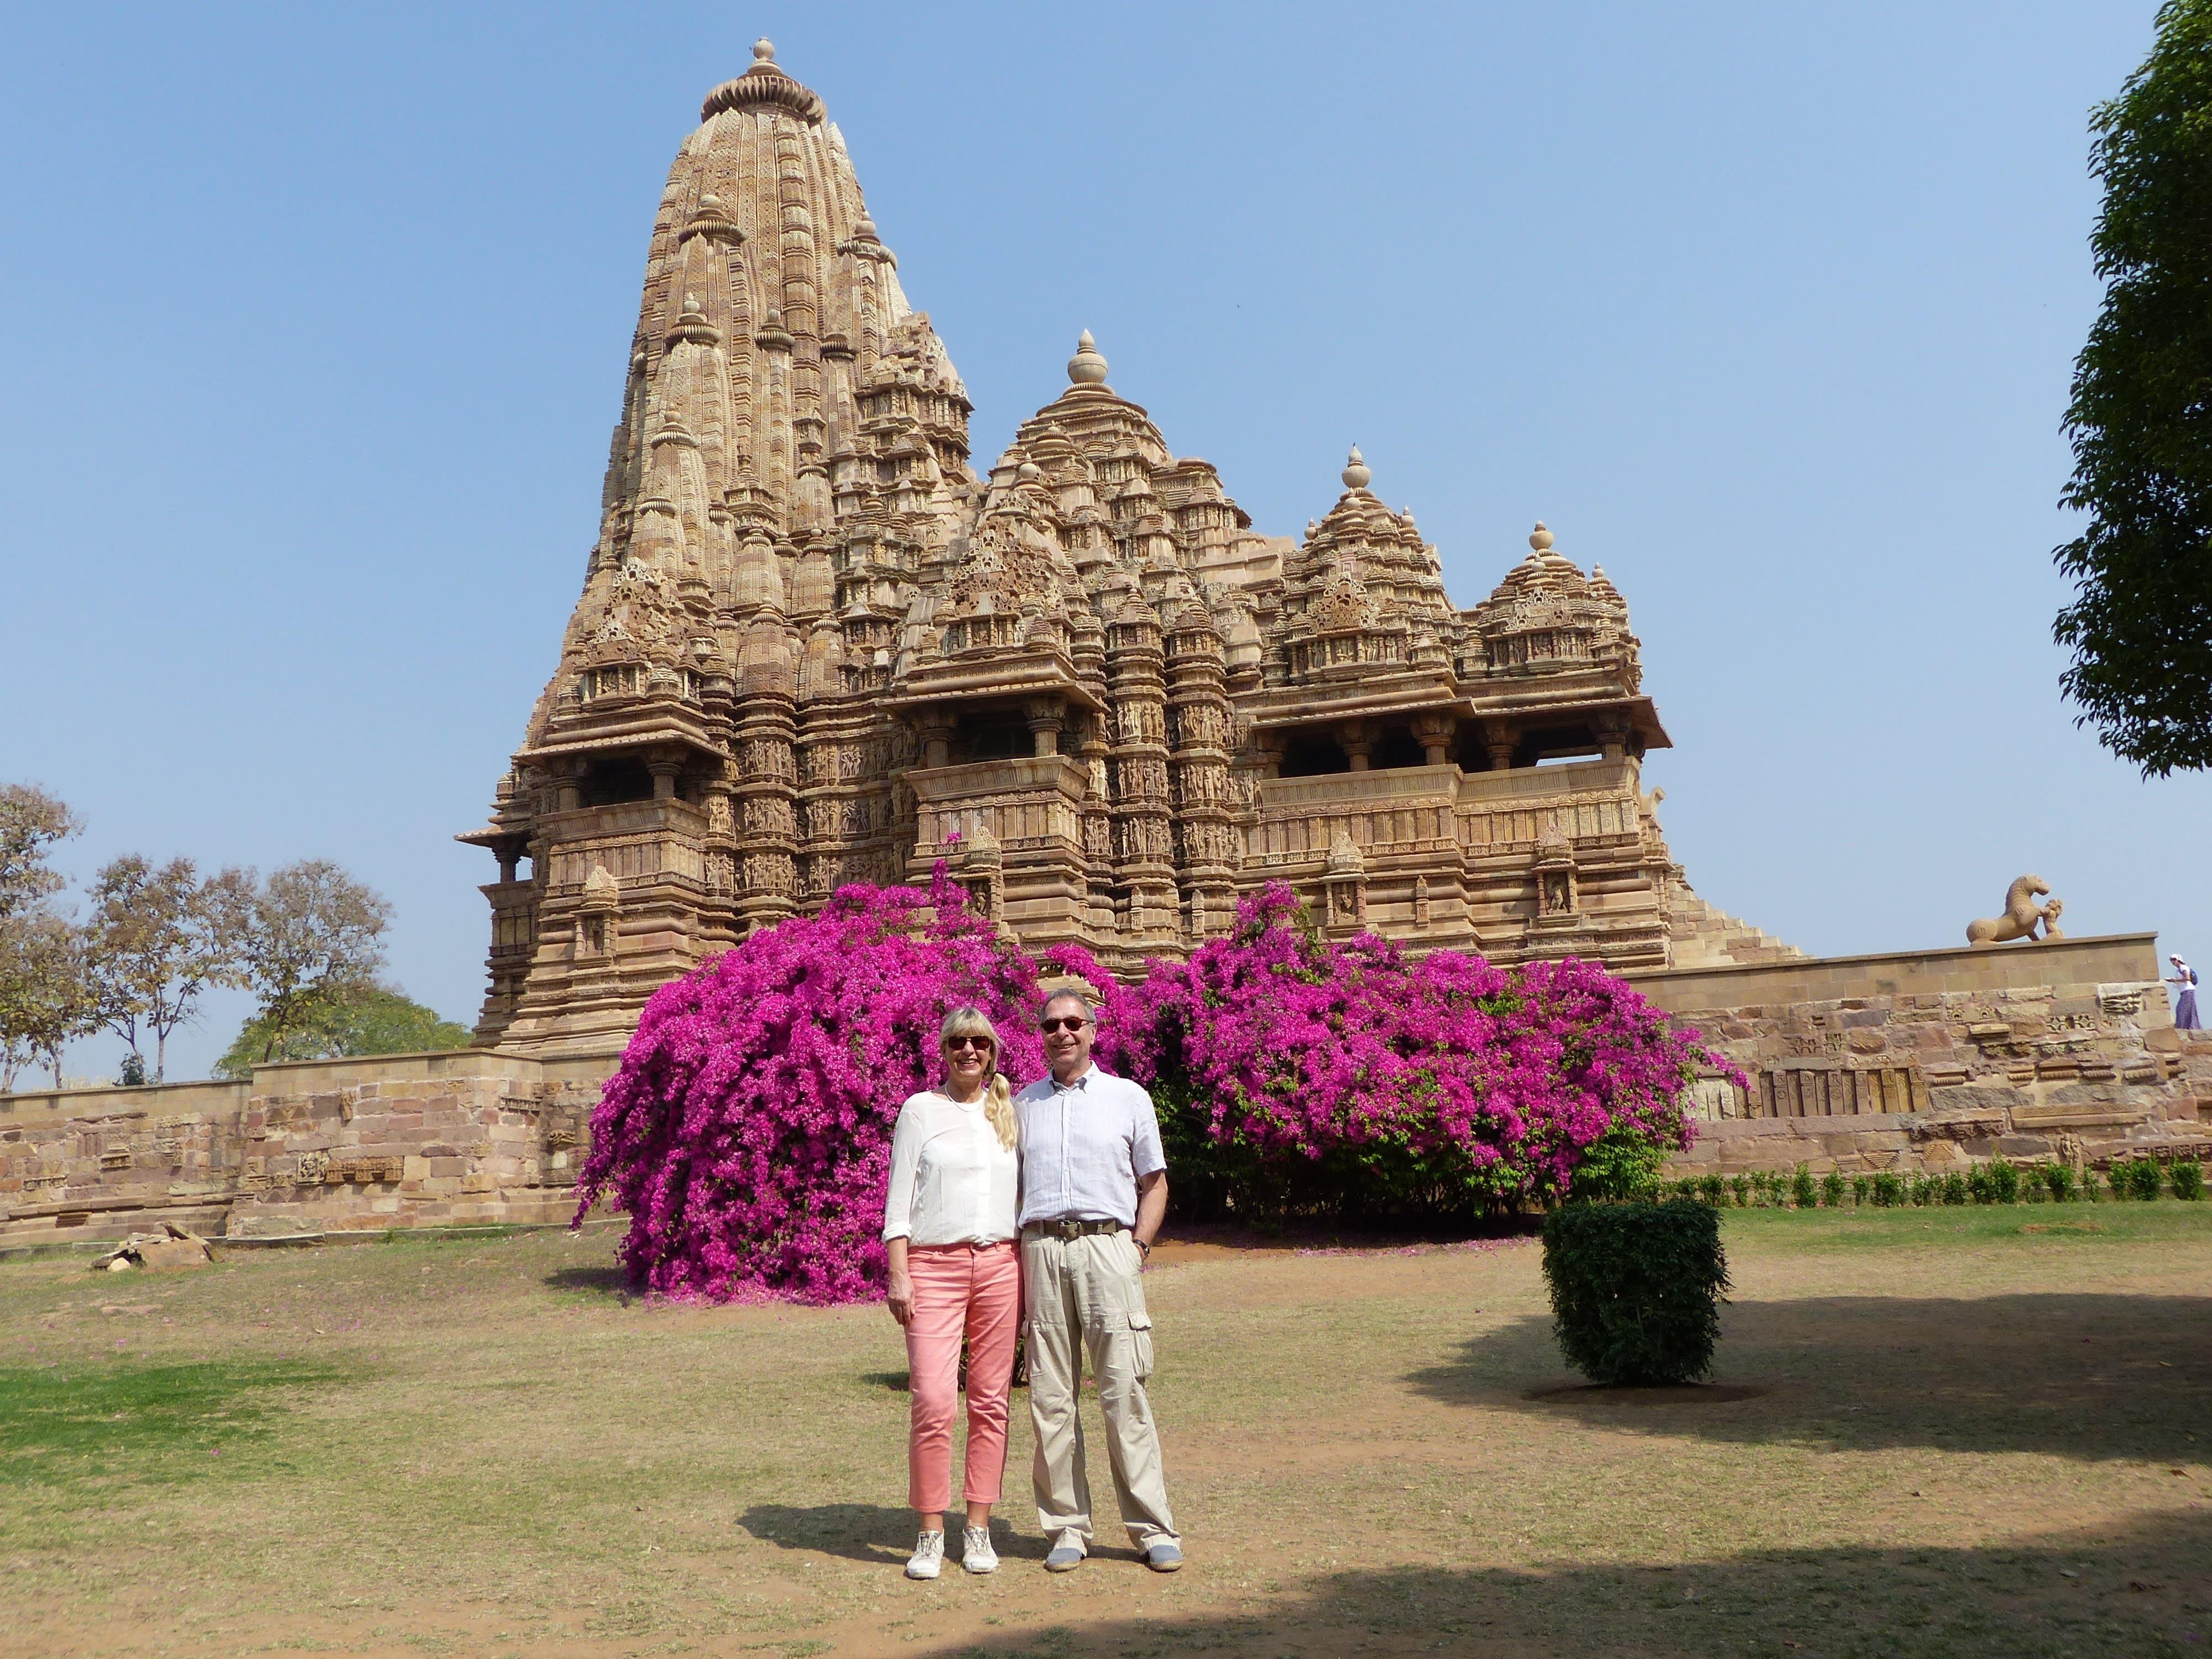 Indienreise Erfahrungsbericht - Die Eberhards nehmen Abschied von Indien